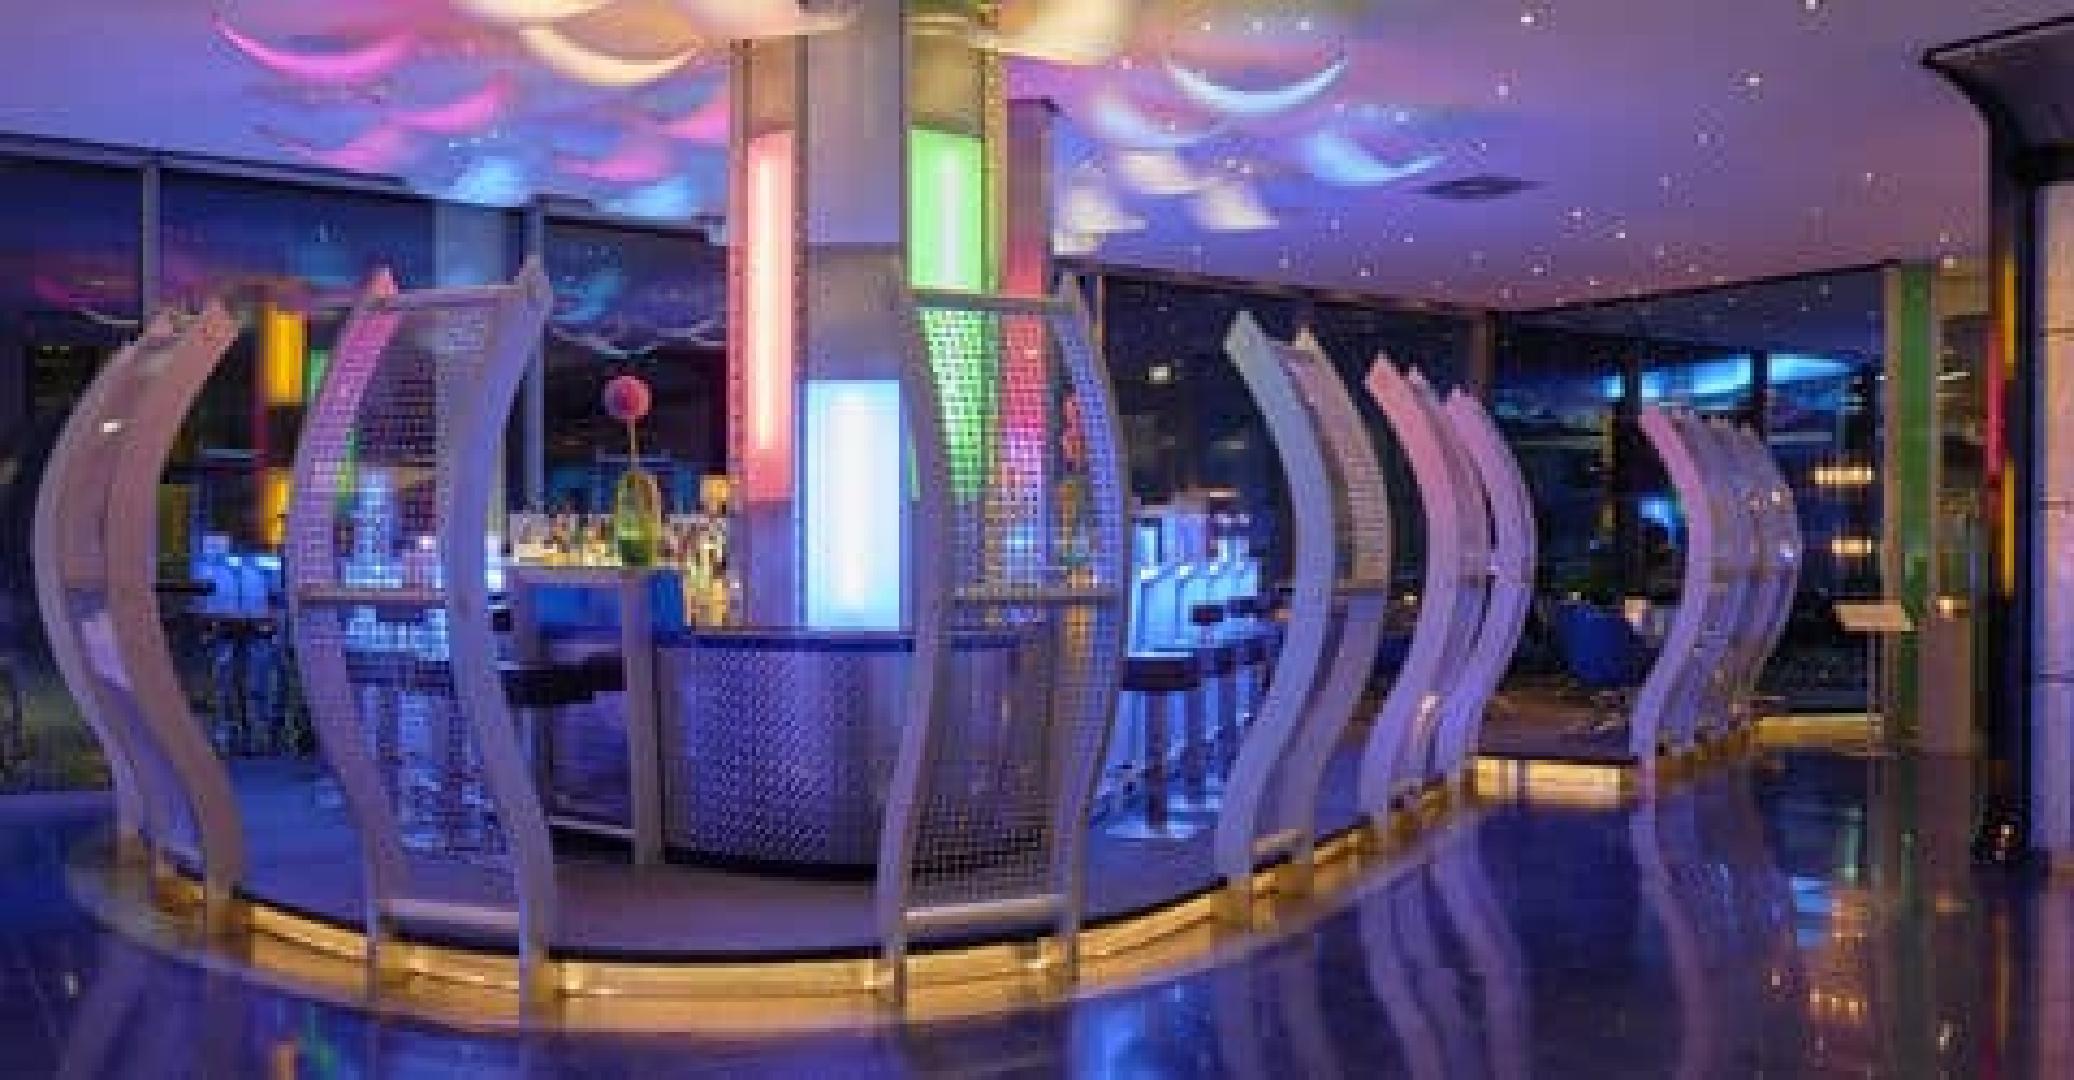 Bild 2 von Restaurant Starwalker